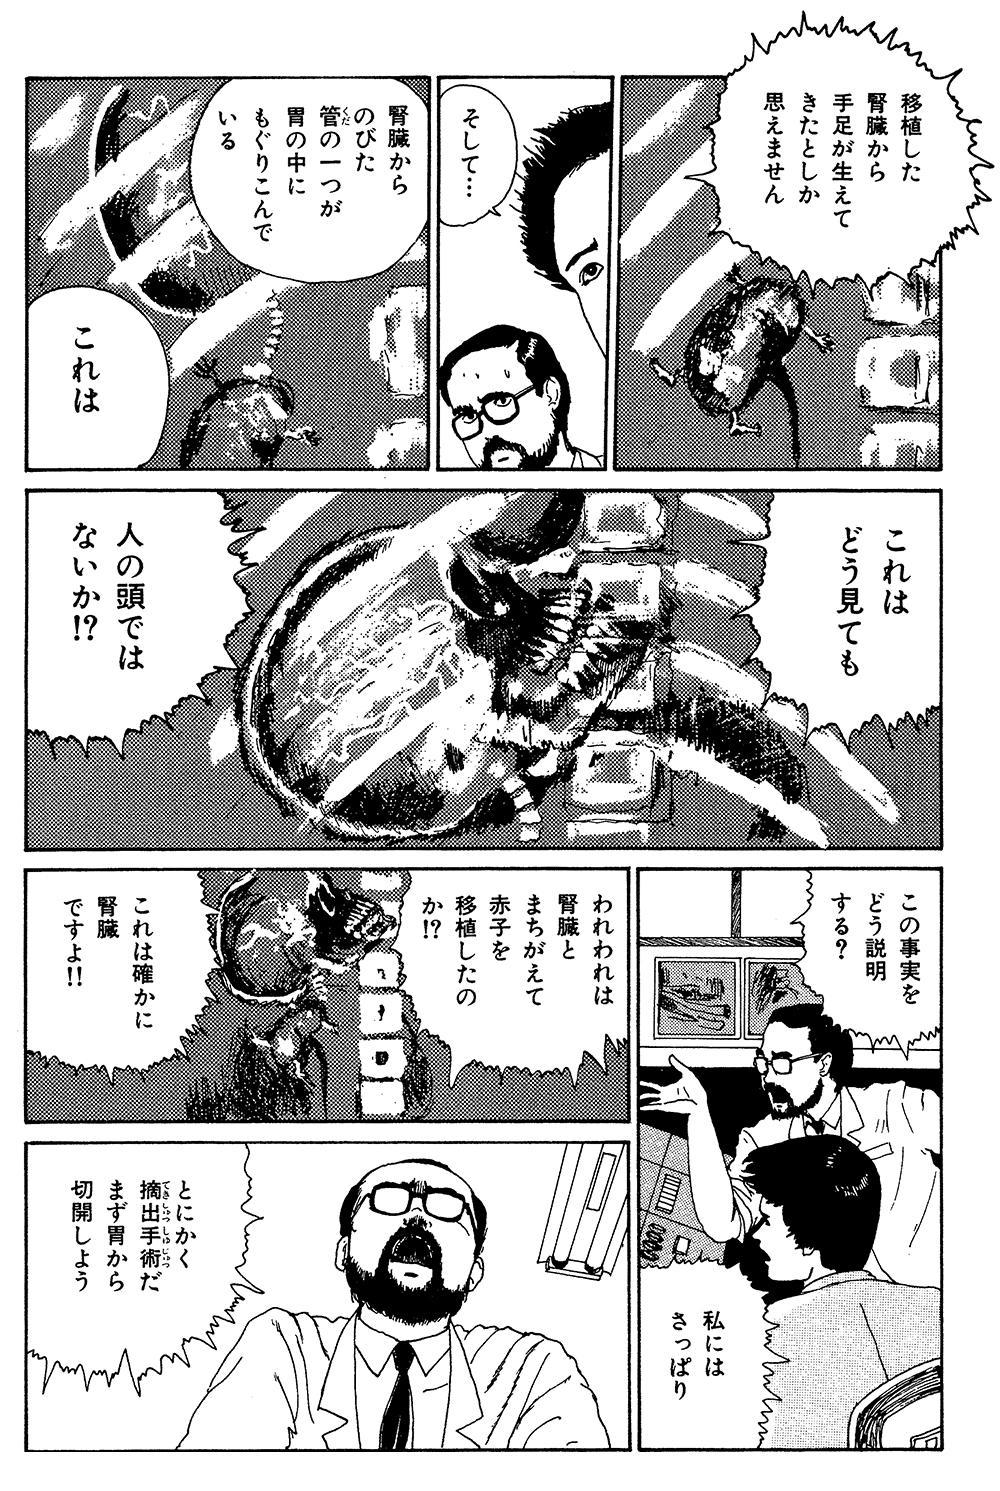 伊藤潤二傑作集 第2話「富江 森田病院編」②itojunji05-14.jpg